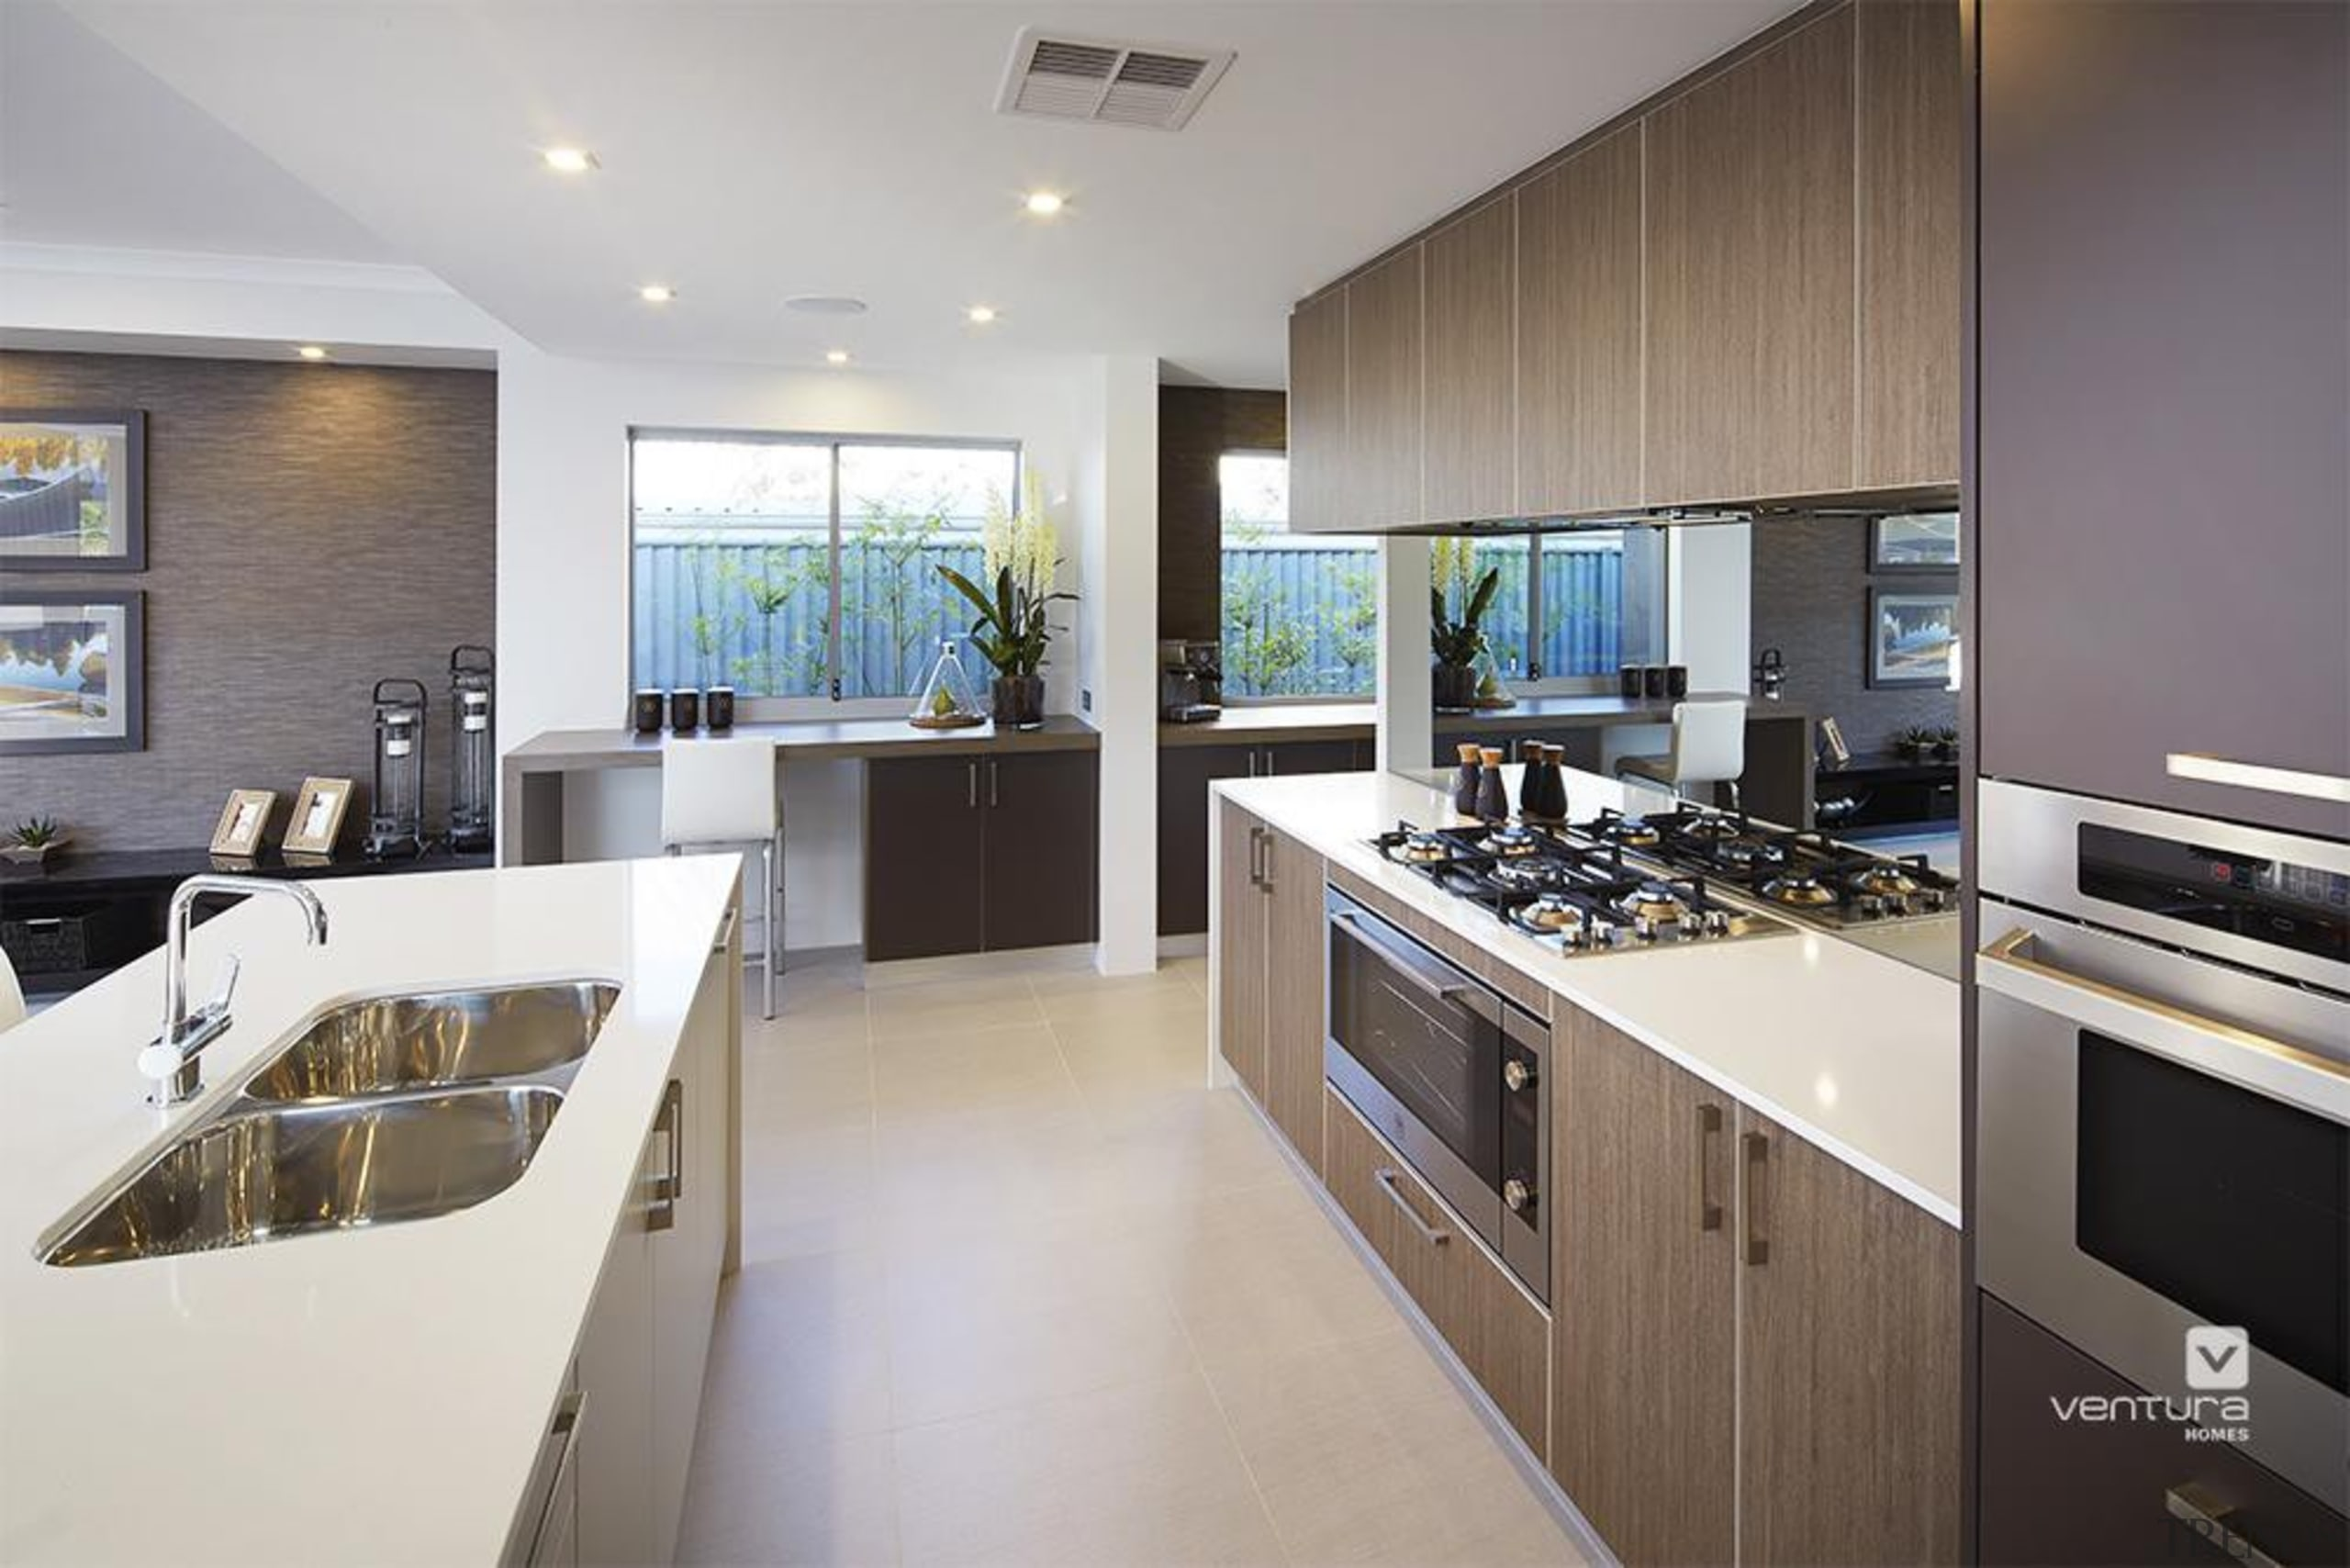 Kitchen design. - The Lexington Two Storey Display countertop, interior design, kitchen, real estate, gray